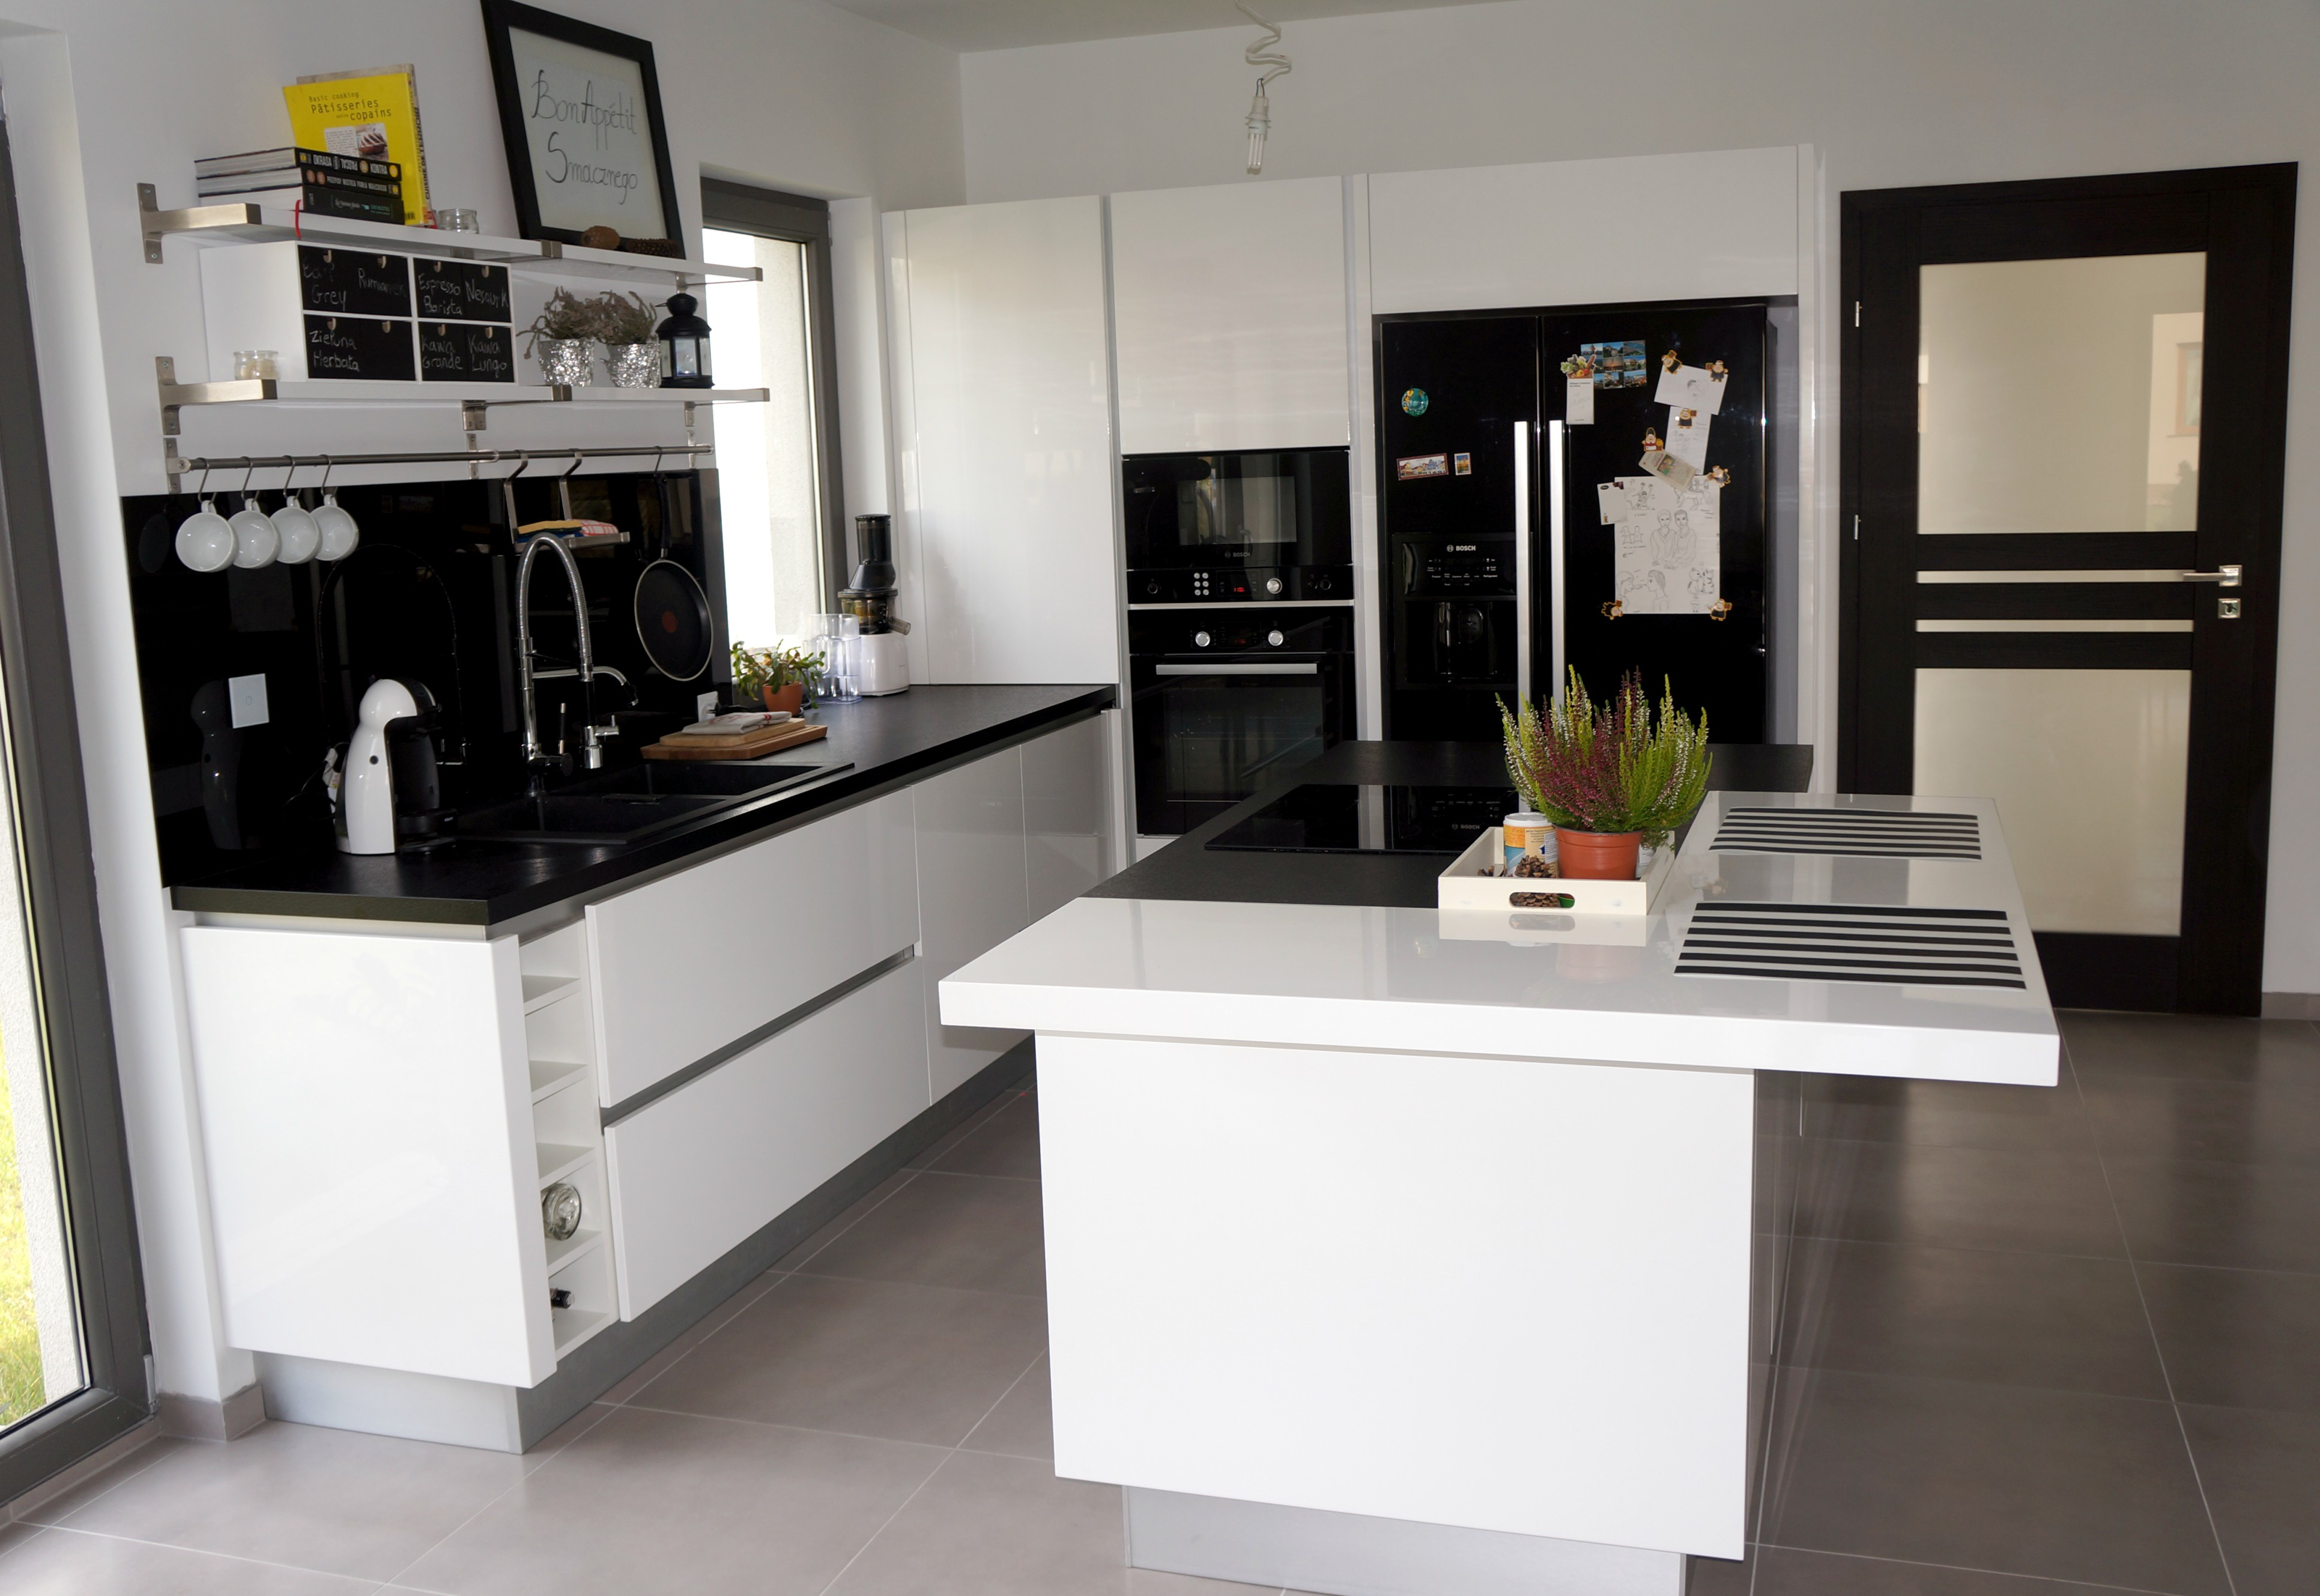 Biało czarna kuchnia  tak mieszkam  Projekt Dom -> Kuchnia Z Wyspą Ikea